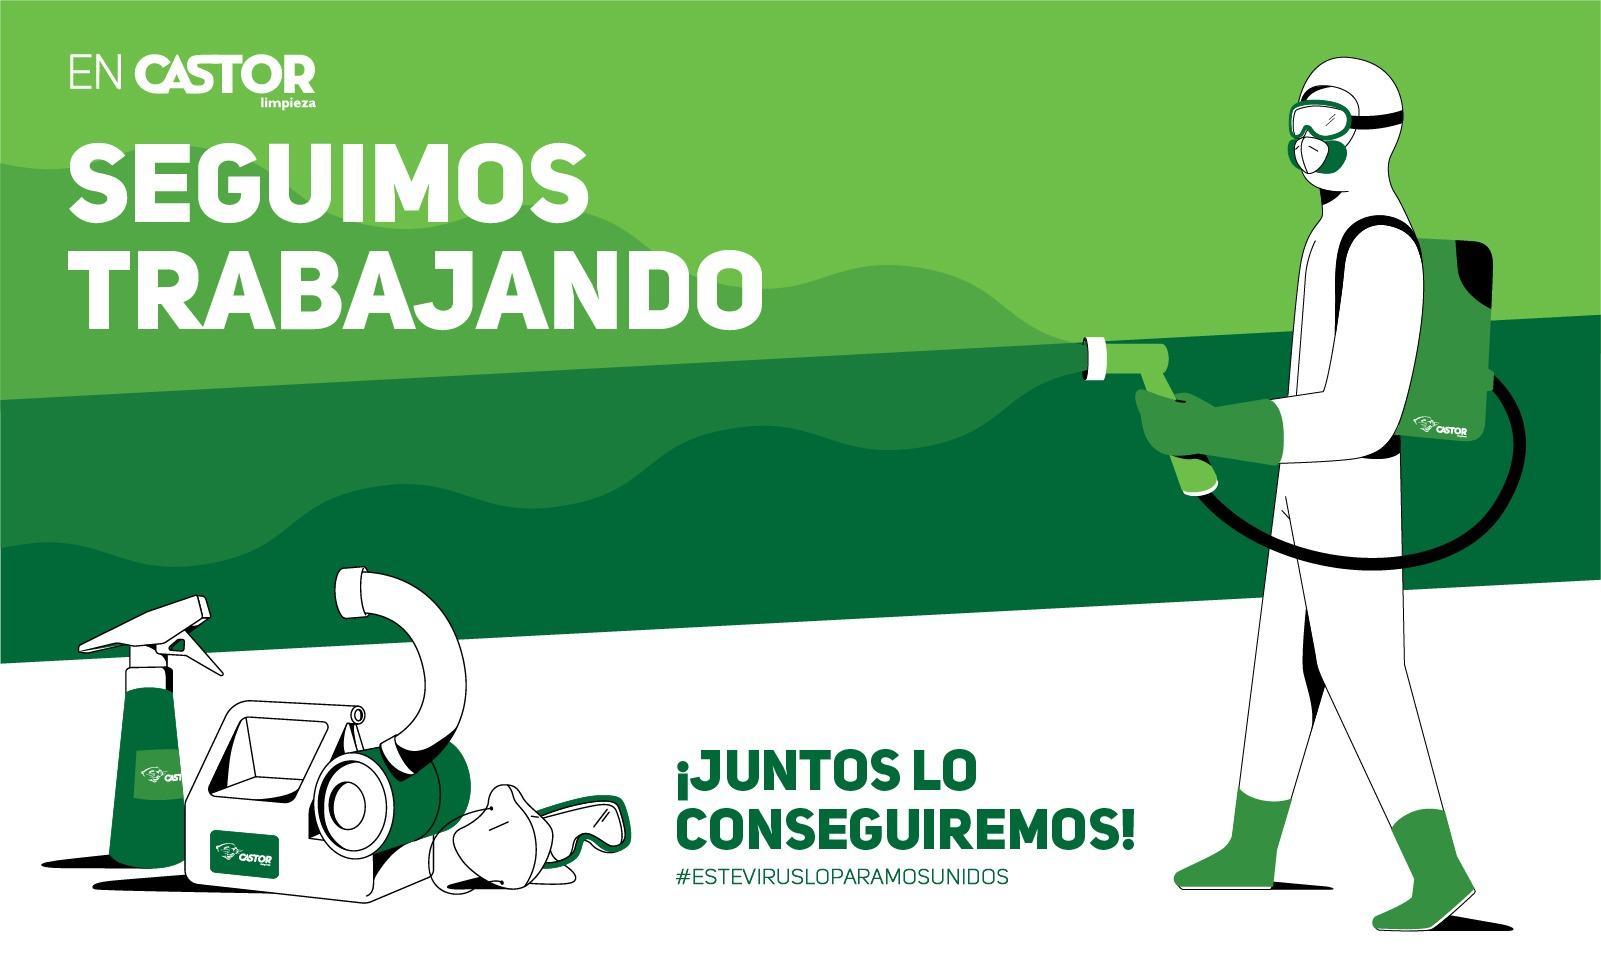 Limpiezas Castor. Mailing-RRSS-06 Empresa de Limpieza Granada. Limpiezas Castor